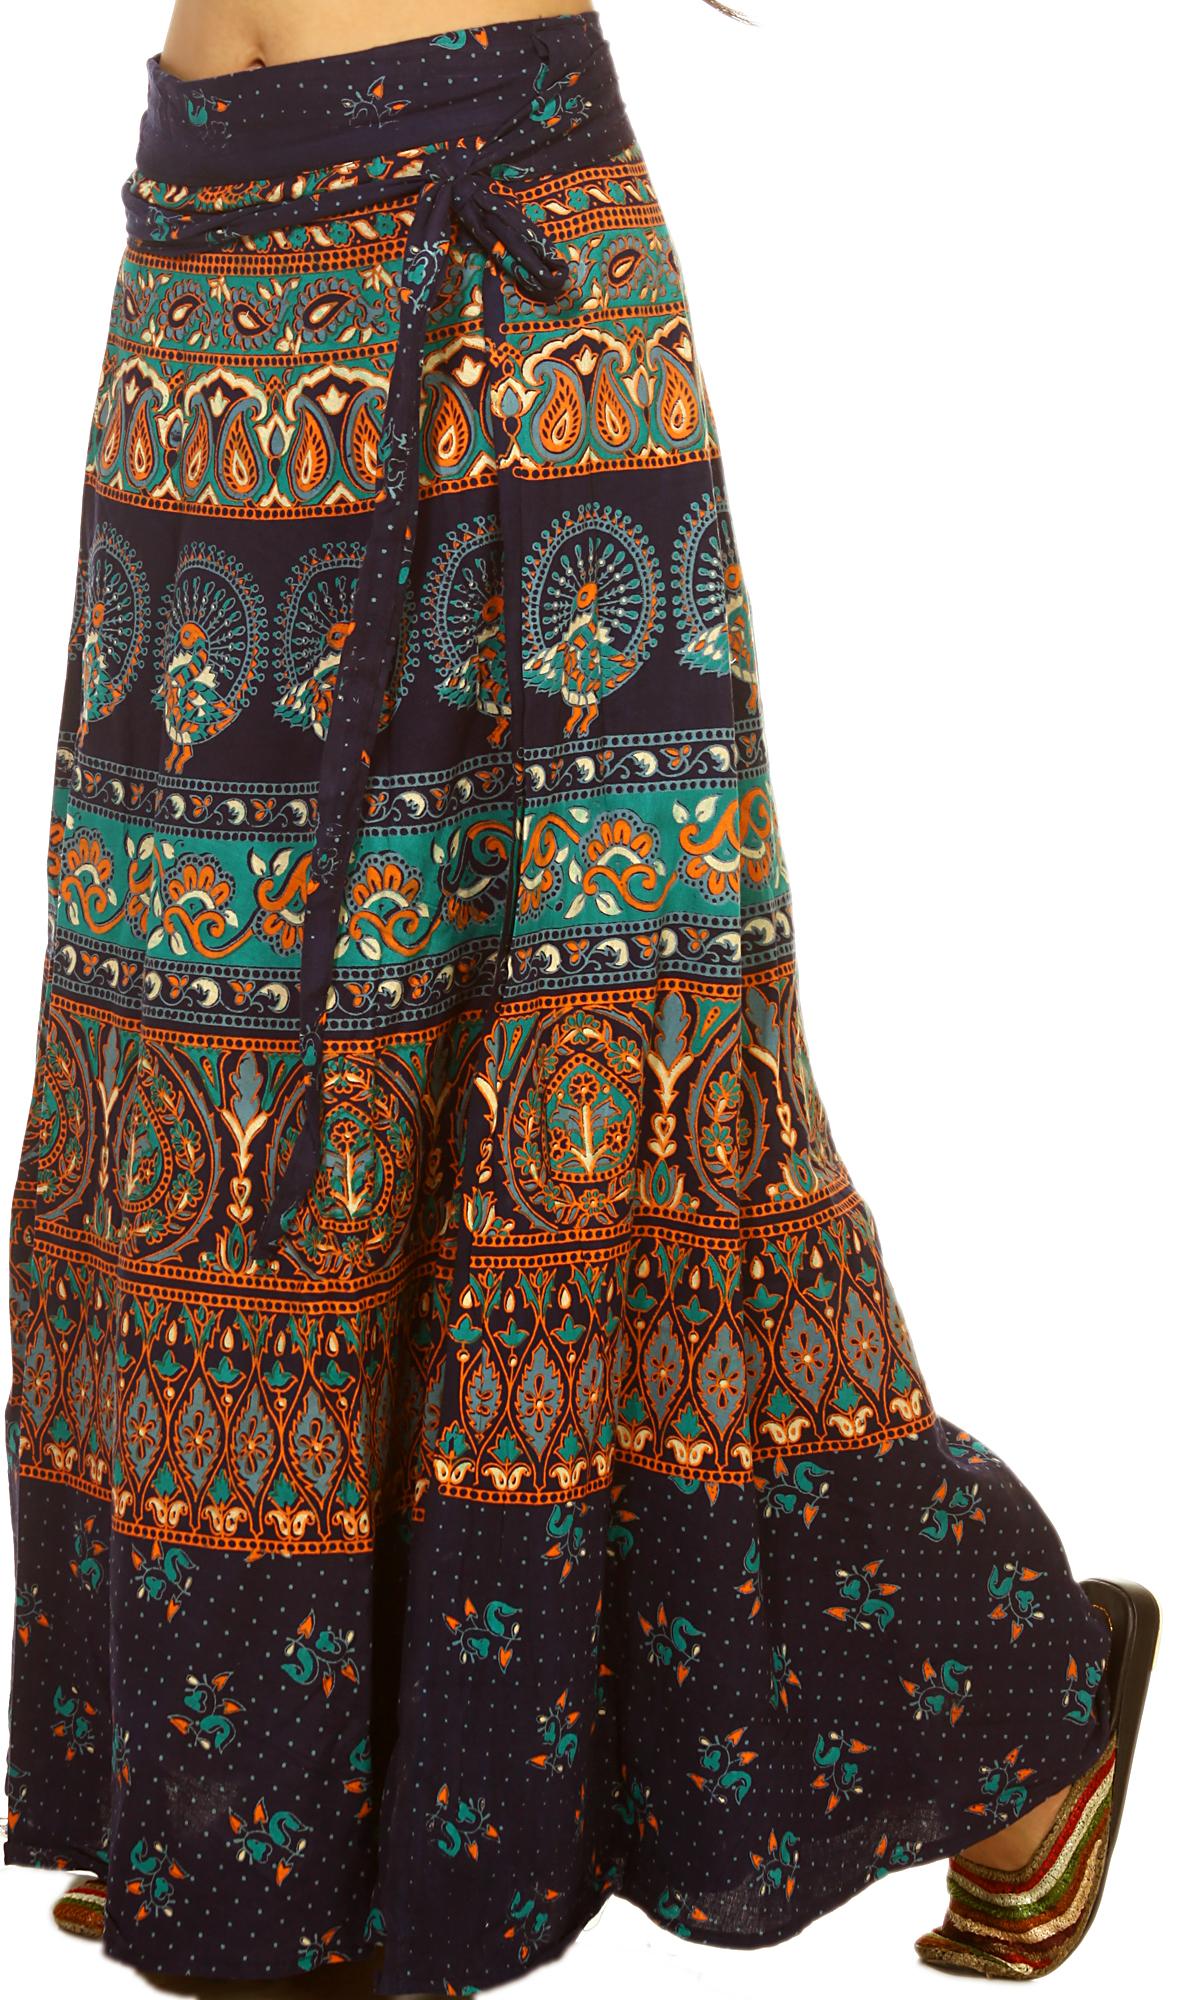 navy blue wrap around skirt with printed peacocks